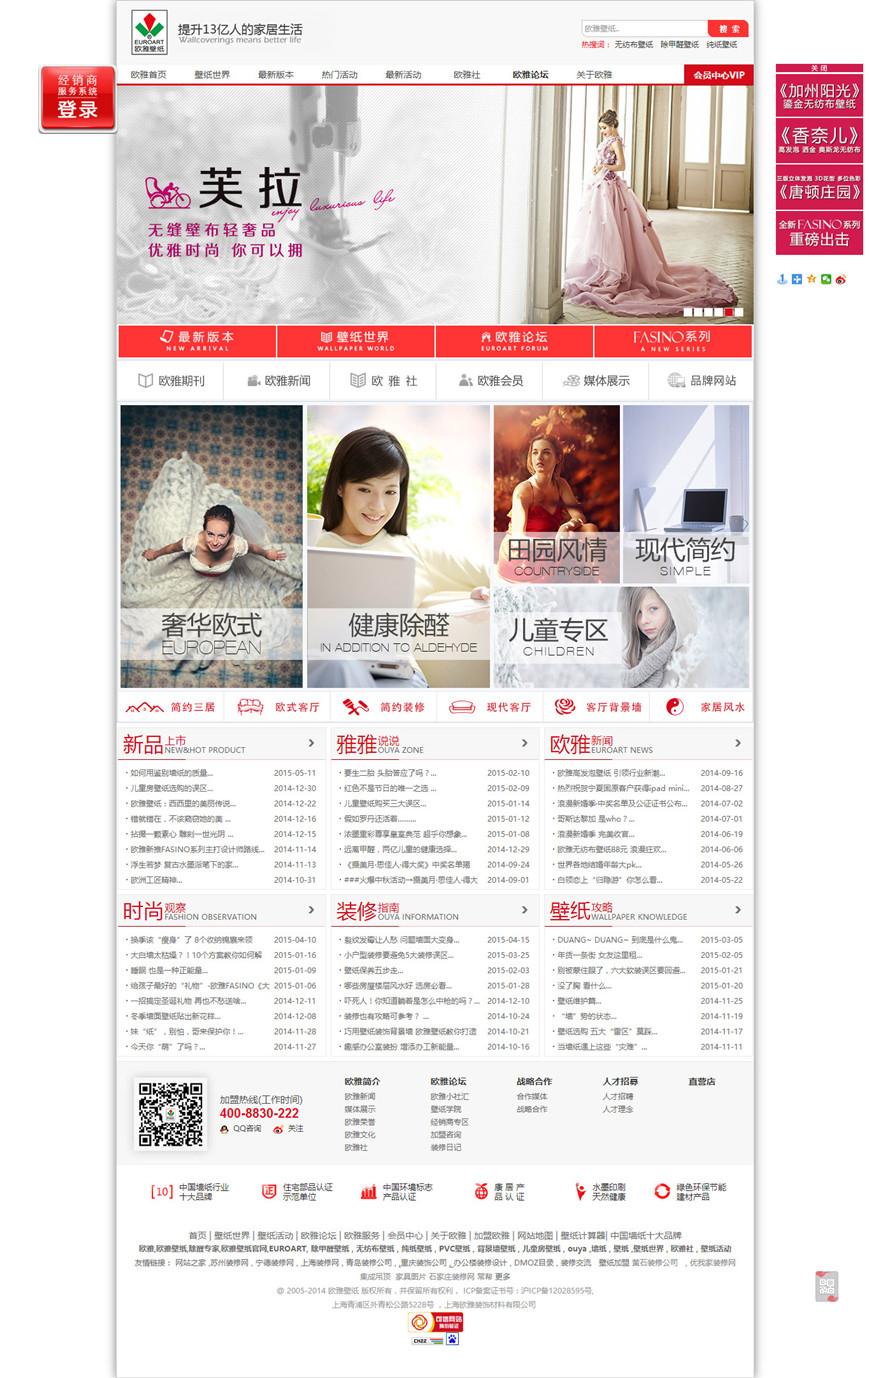 上海欧雅壁纸官网_欧雅壁纸_北京景晟时代seo优化公司